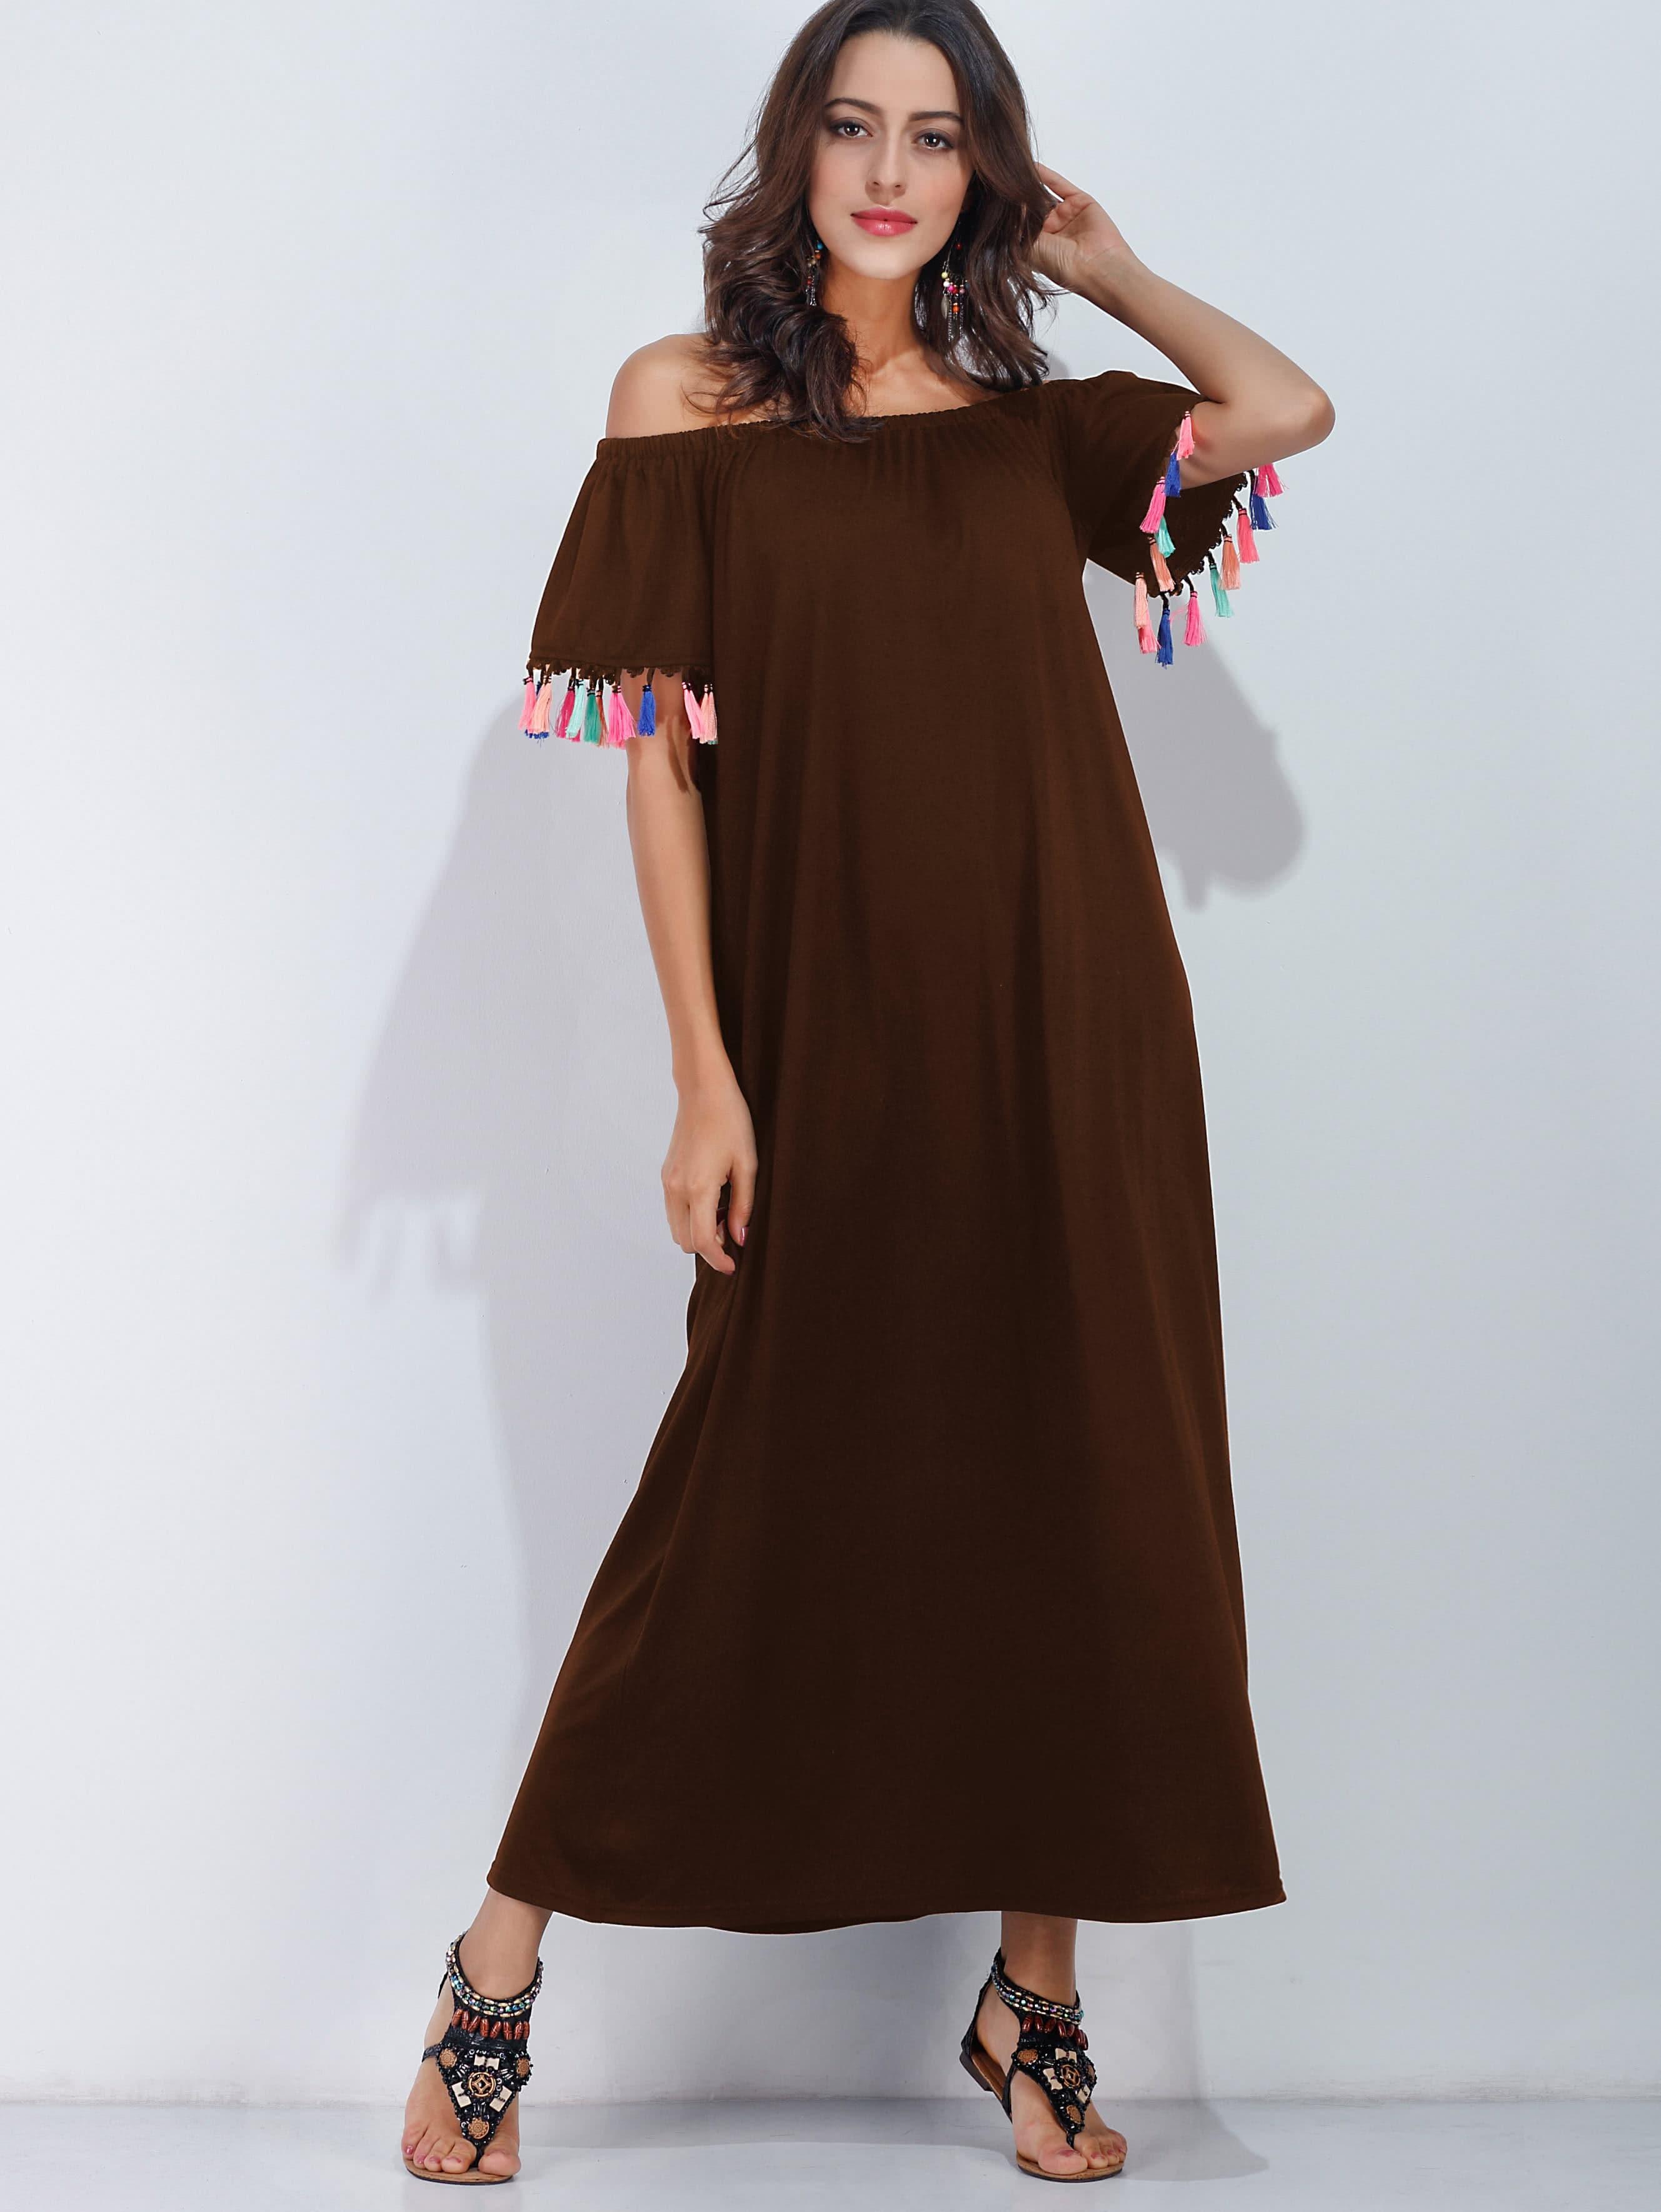 Off Shoulder Tassel Trim Dress dress170529135